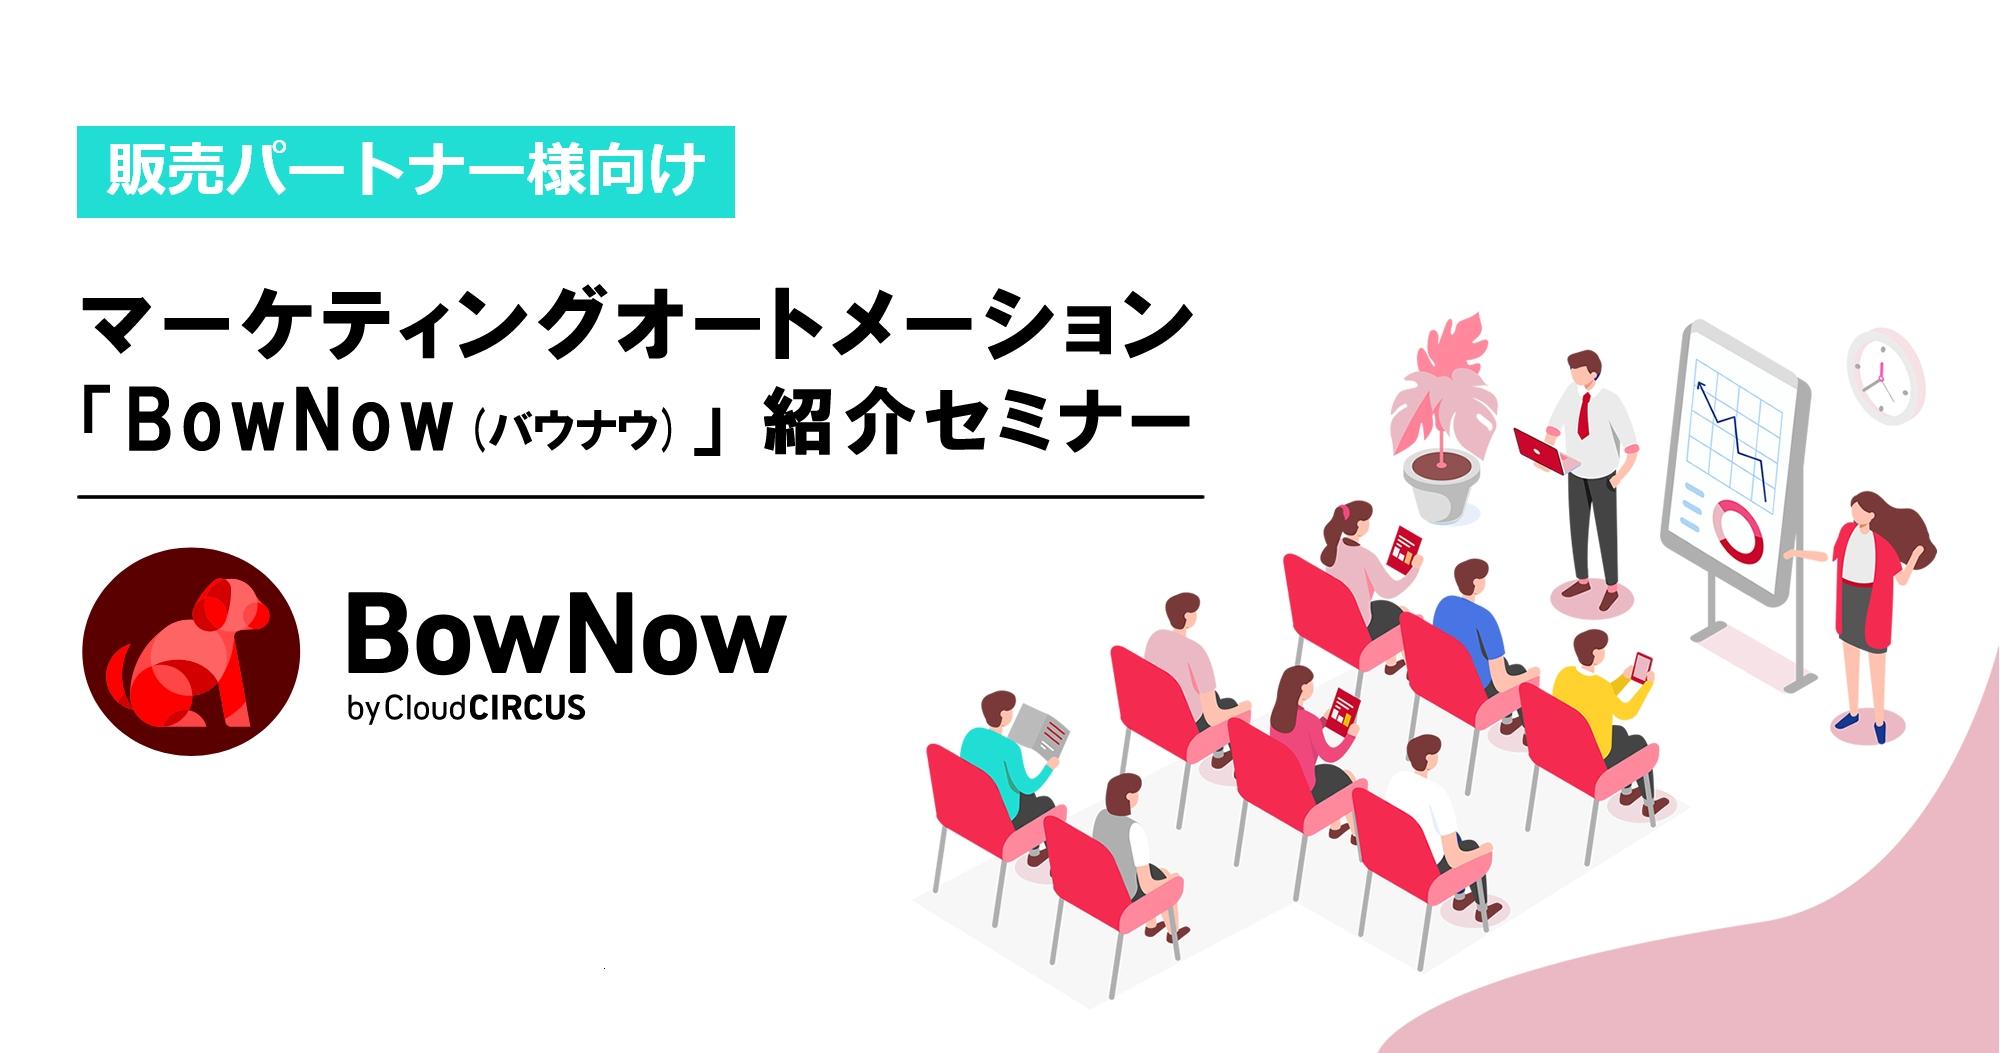 【1月13日(水)】[販売パートナー様向け]導入5,000社以上!国産No.1MAツール「BowNow」ご紹介セミナー